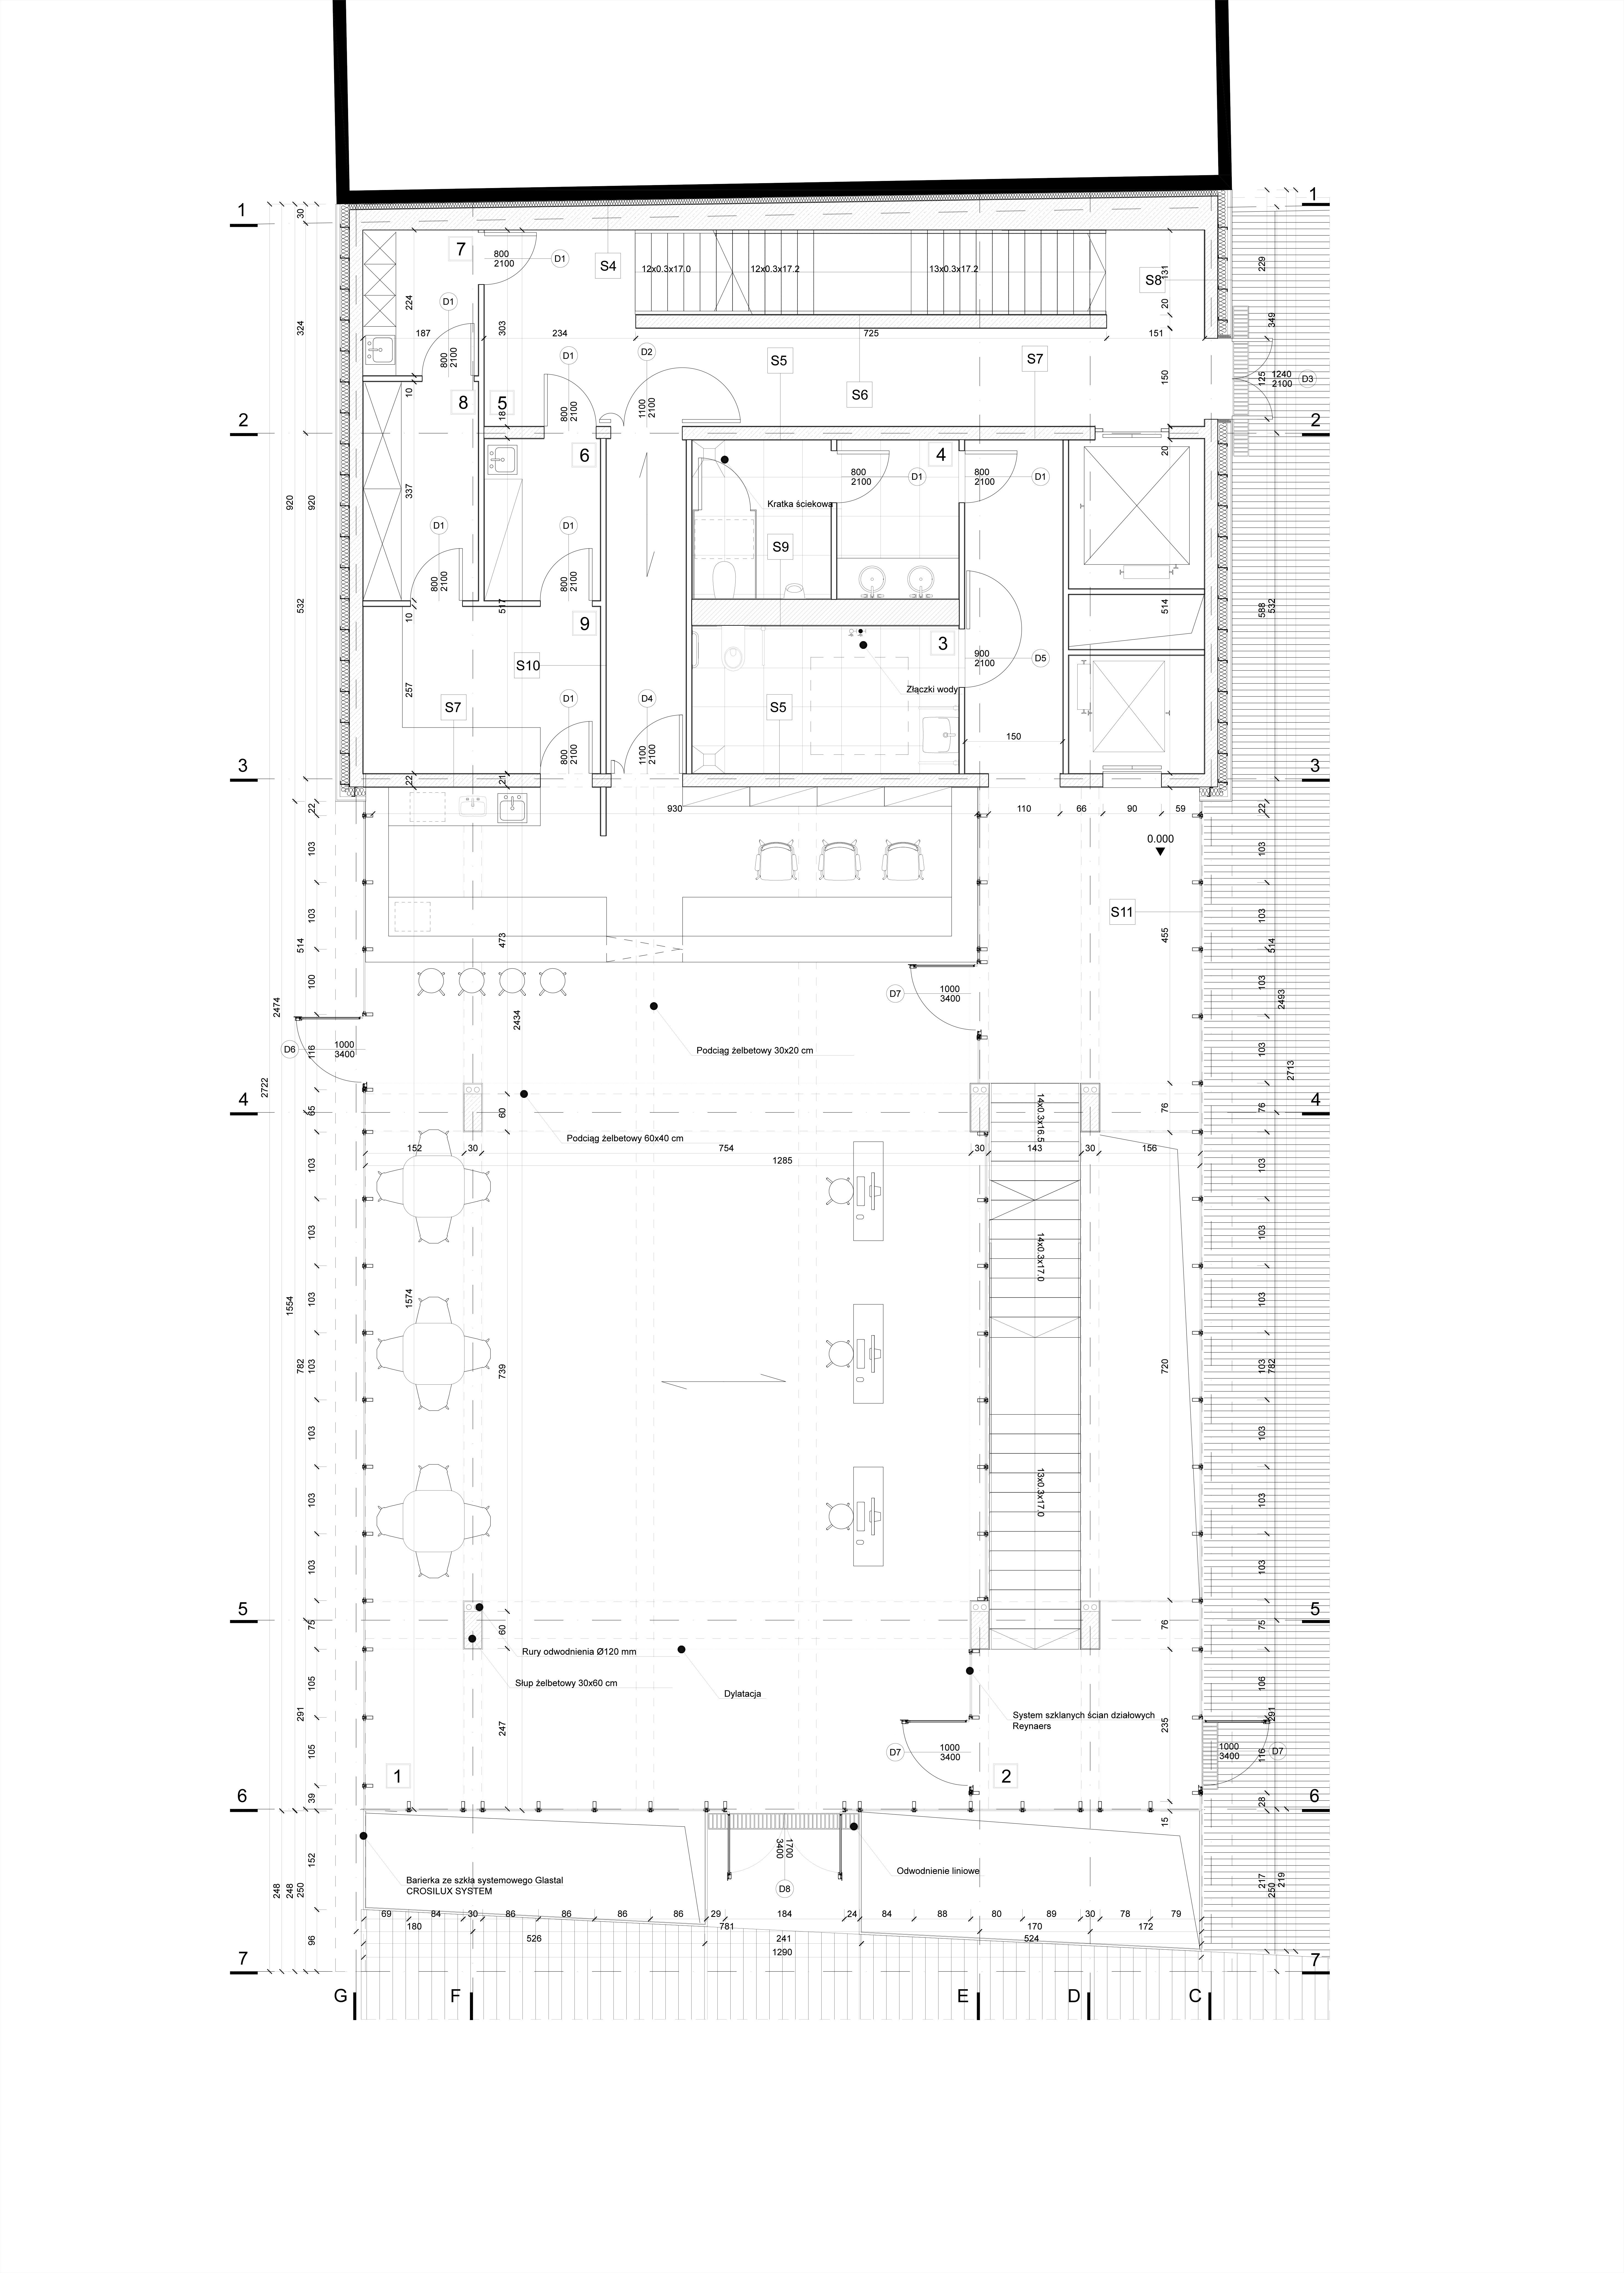 /Users/Sonia/Documents/Studia/Rok IV/Inżynierka/Cad/02.02/50 rz